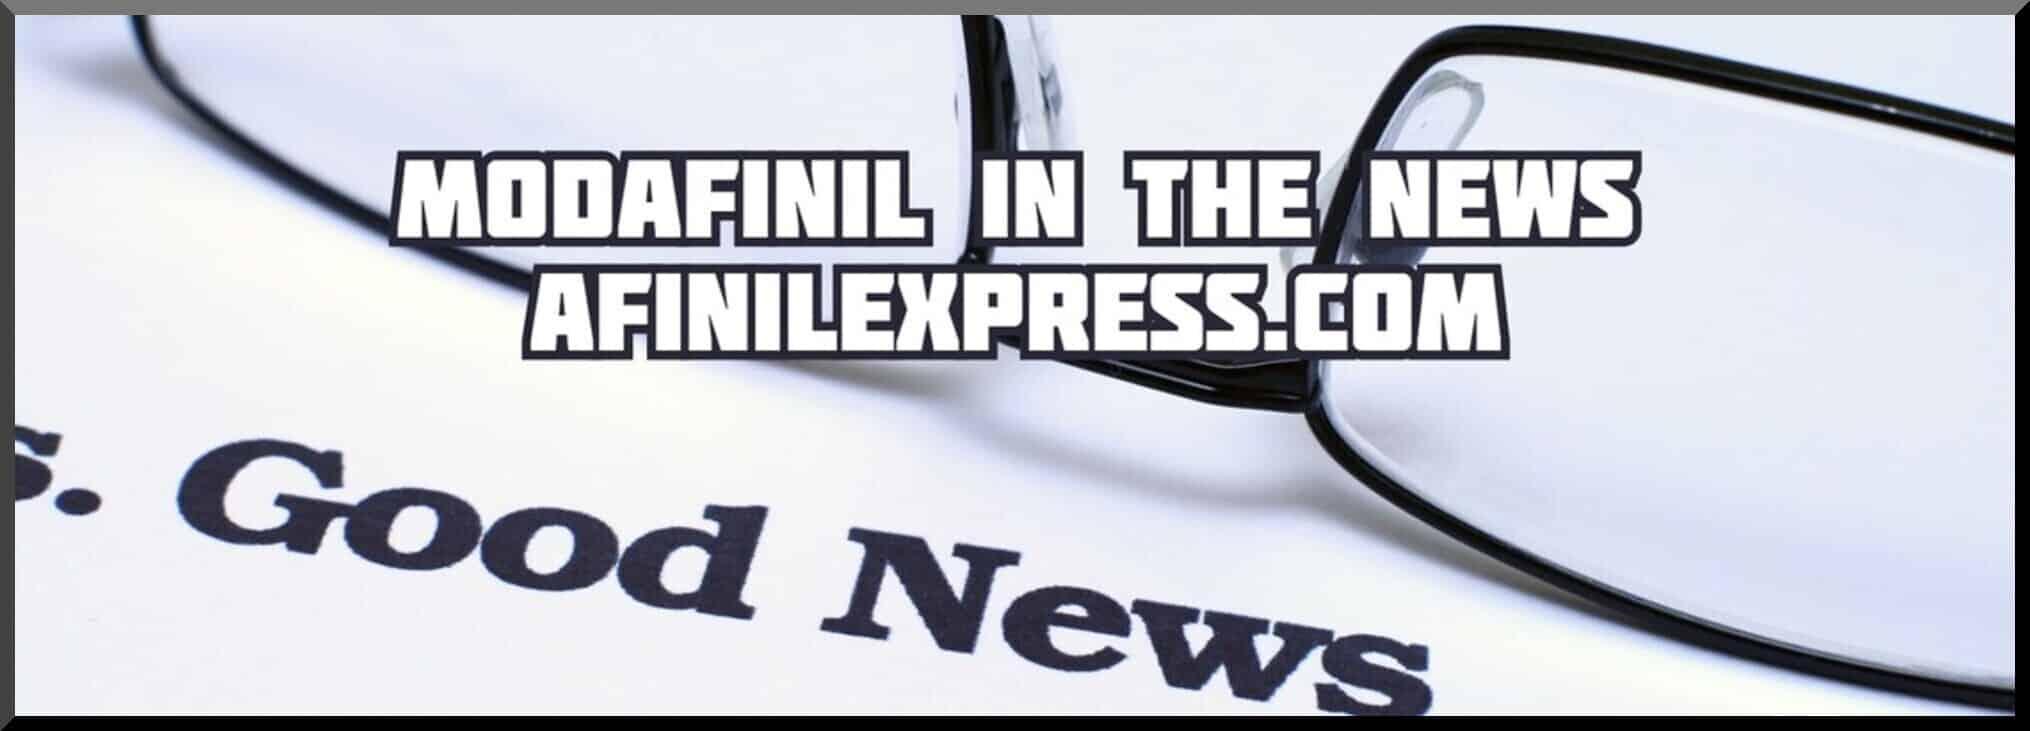 modafinil in the news